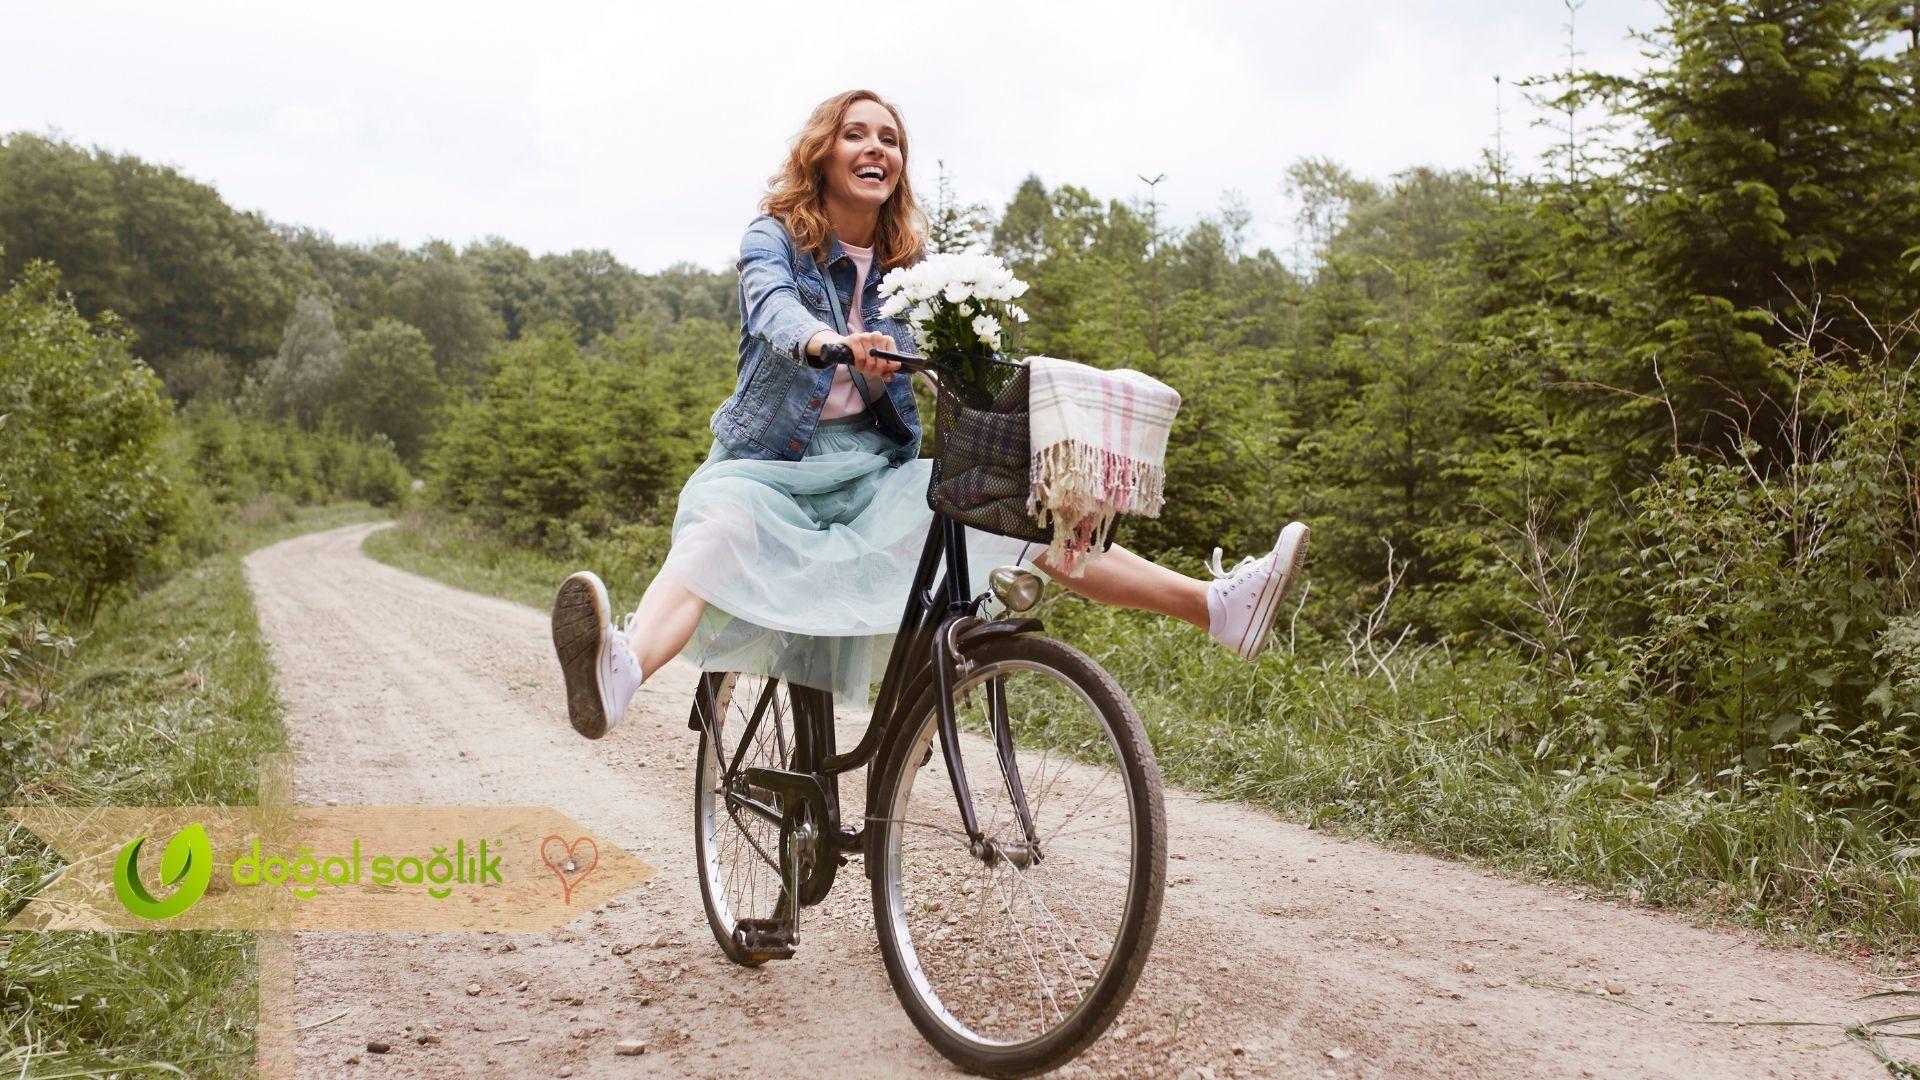 Bisiklet Sürmenin Cinselliğe Faydaları